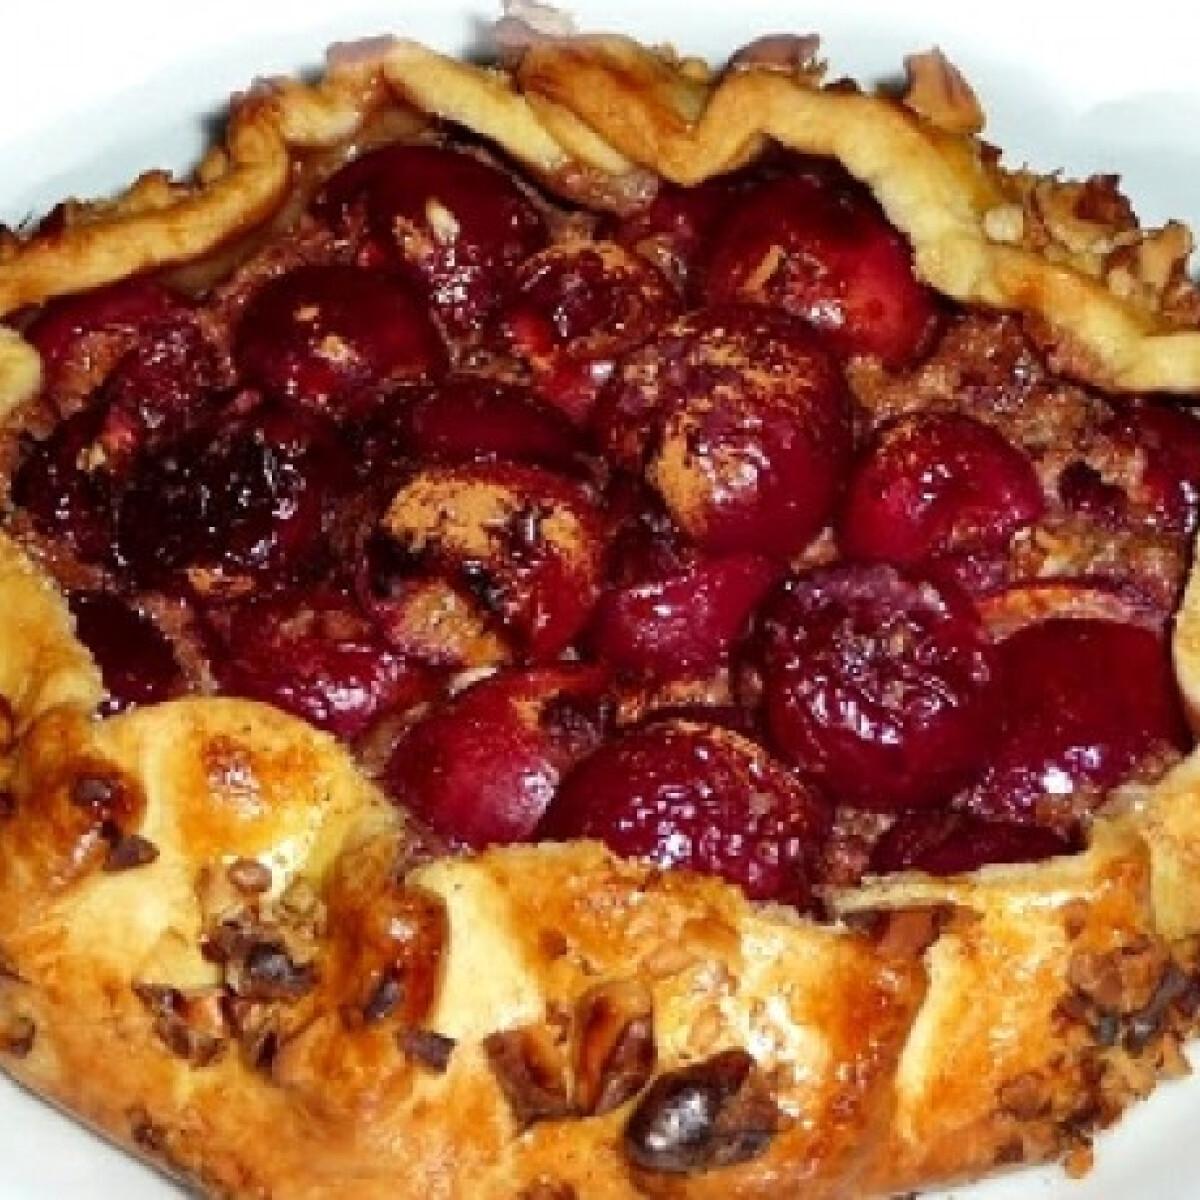 Cseresznyés galette mascarponés krémmel